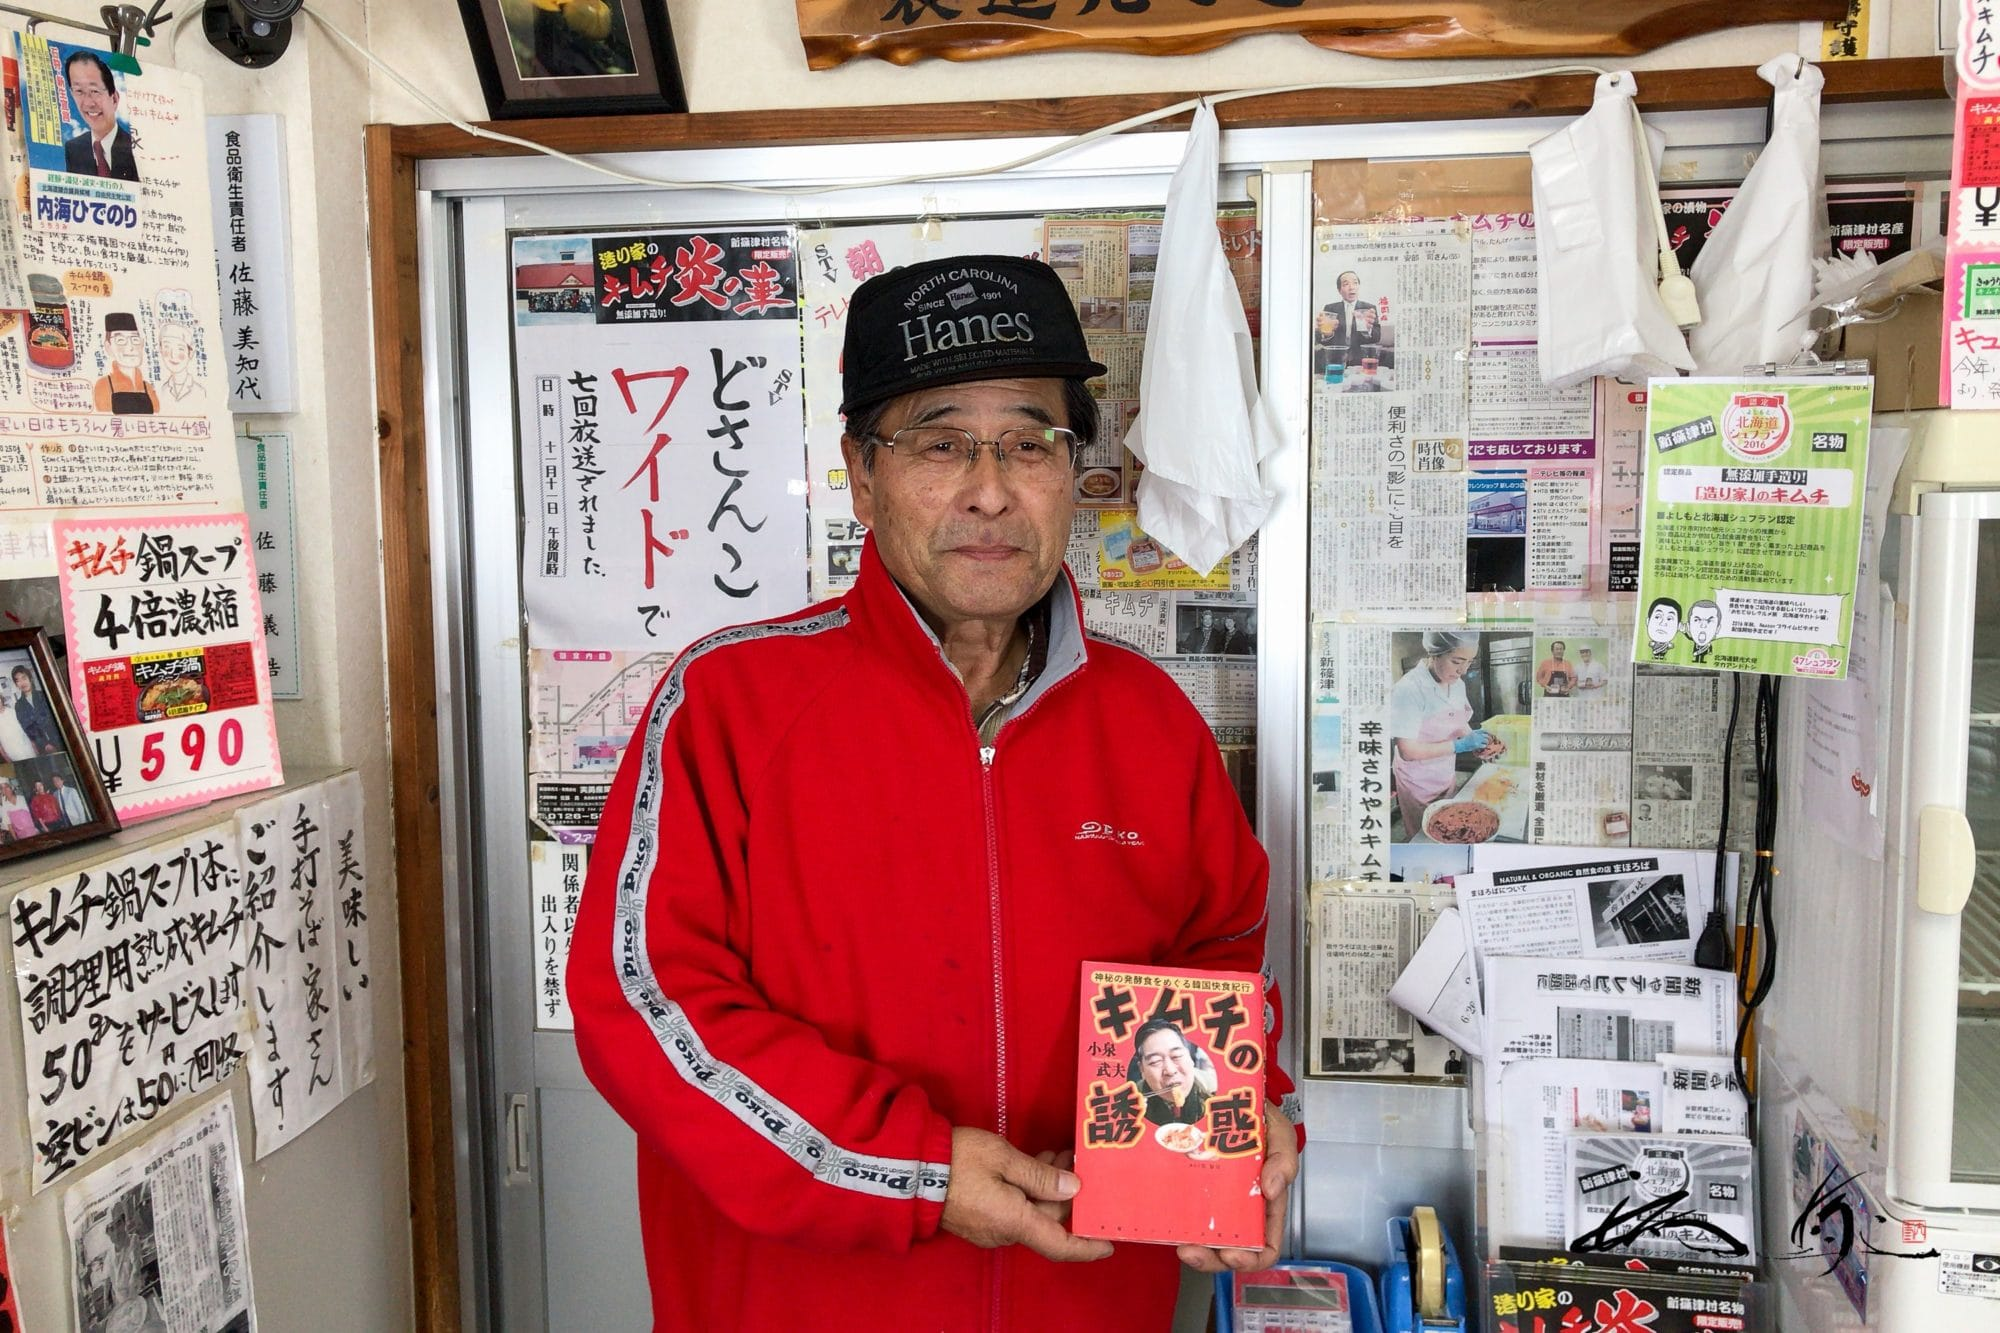 無添加キムチ専門店・造り家(新篠津村)のキムチ「炎の華」:食事編(13)腸内フローラバランス